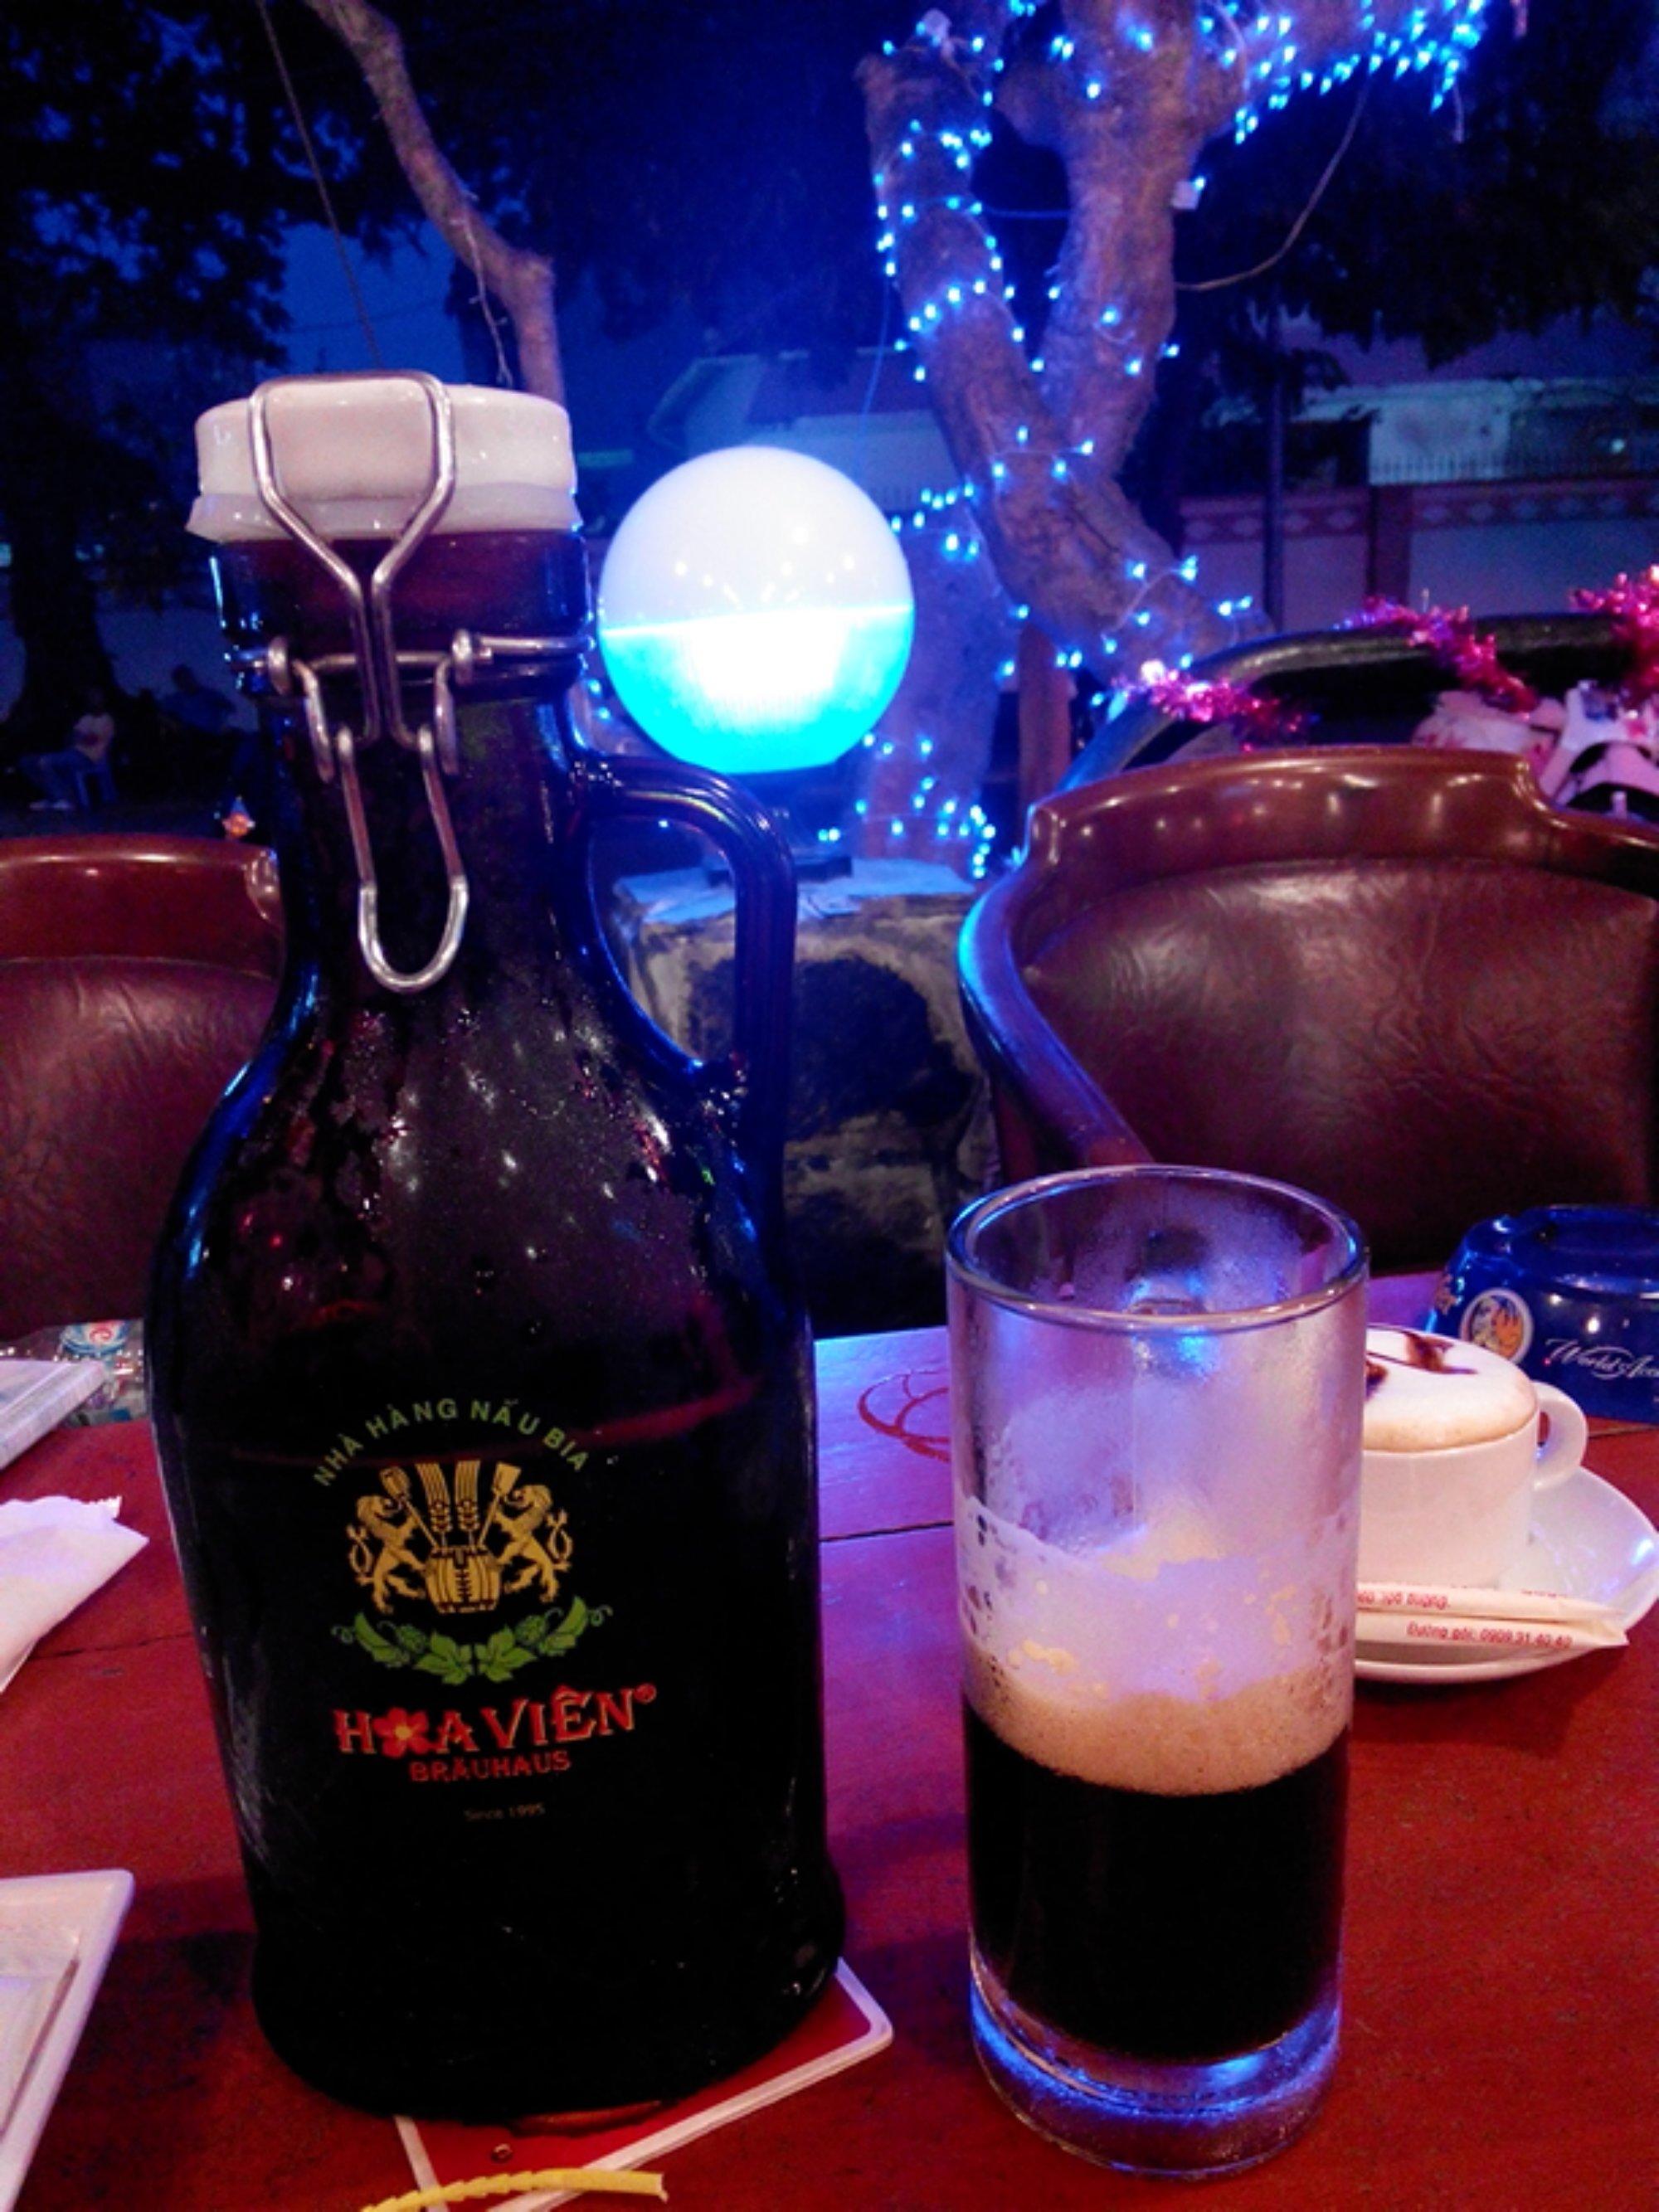 хочется выпить Guinness, а его нет